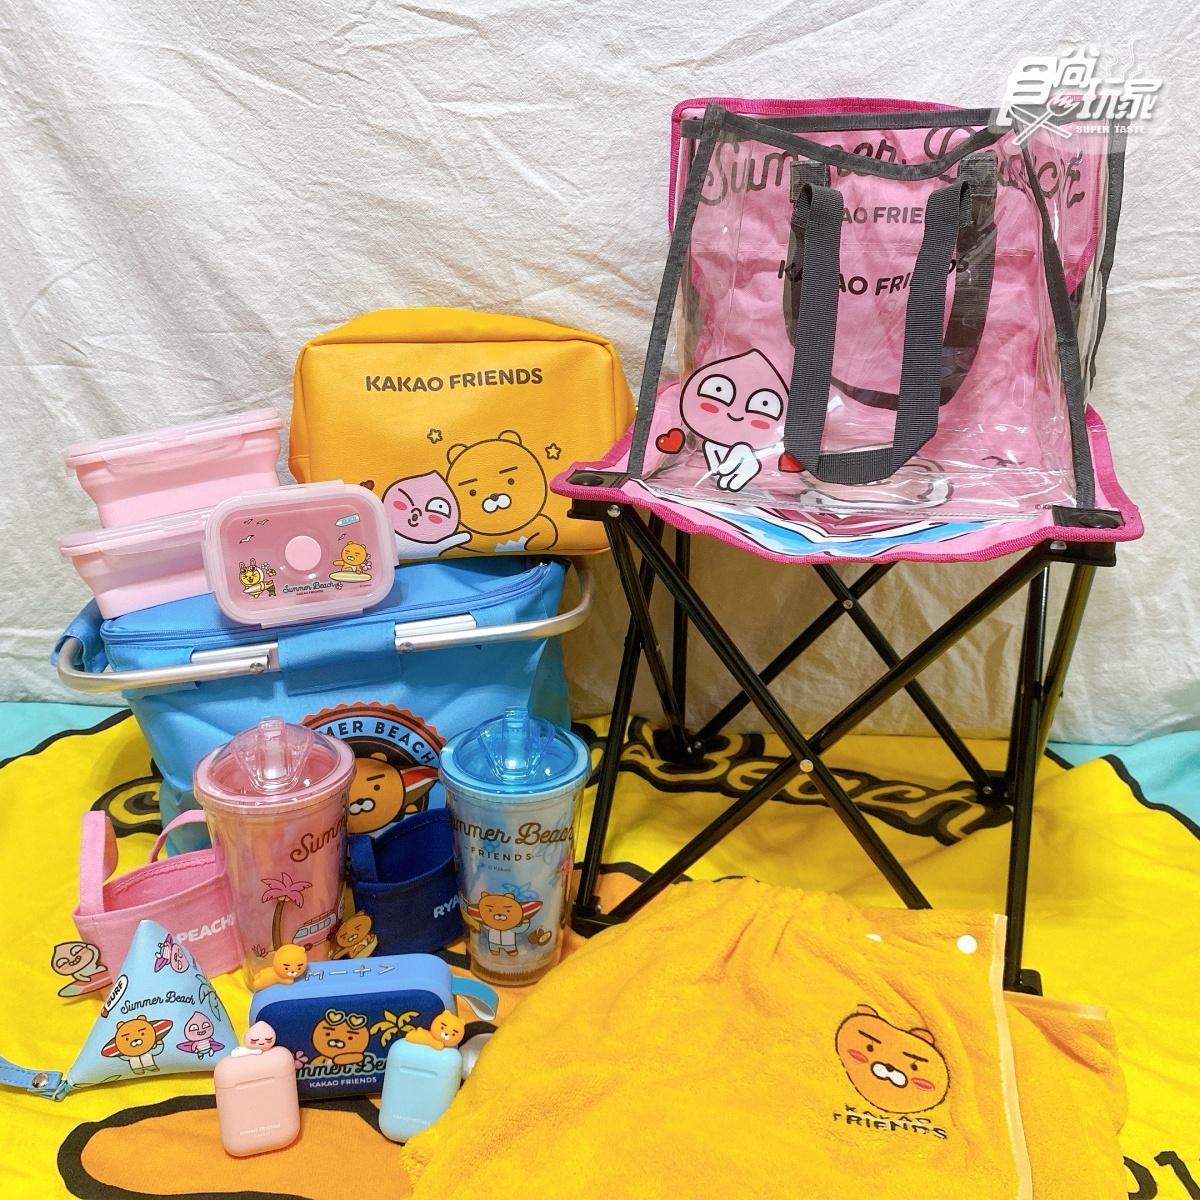 萊恩化身「藍芽耳機、喇叭」!康是美Kakao Friends加價購開跑,「摺疊椅、水杯」必收